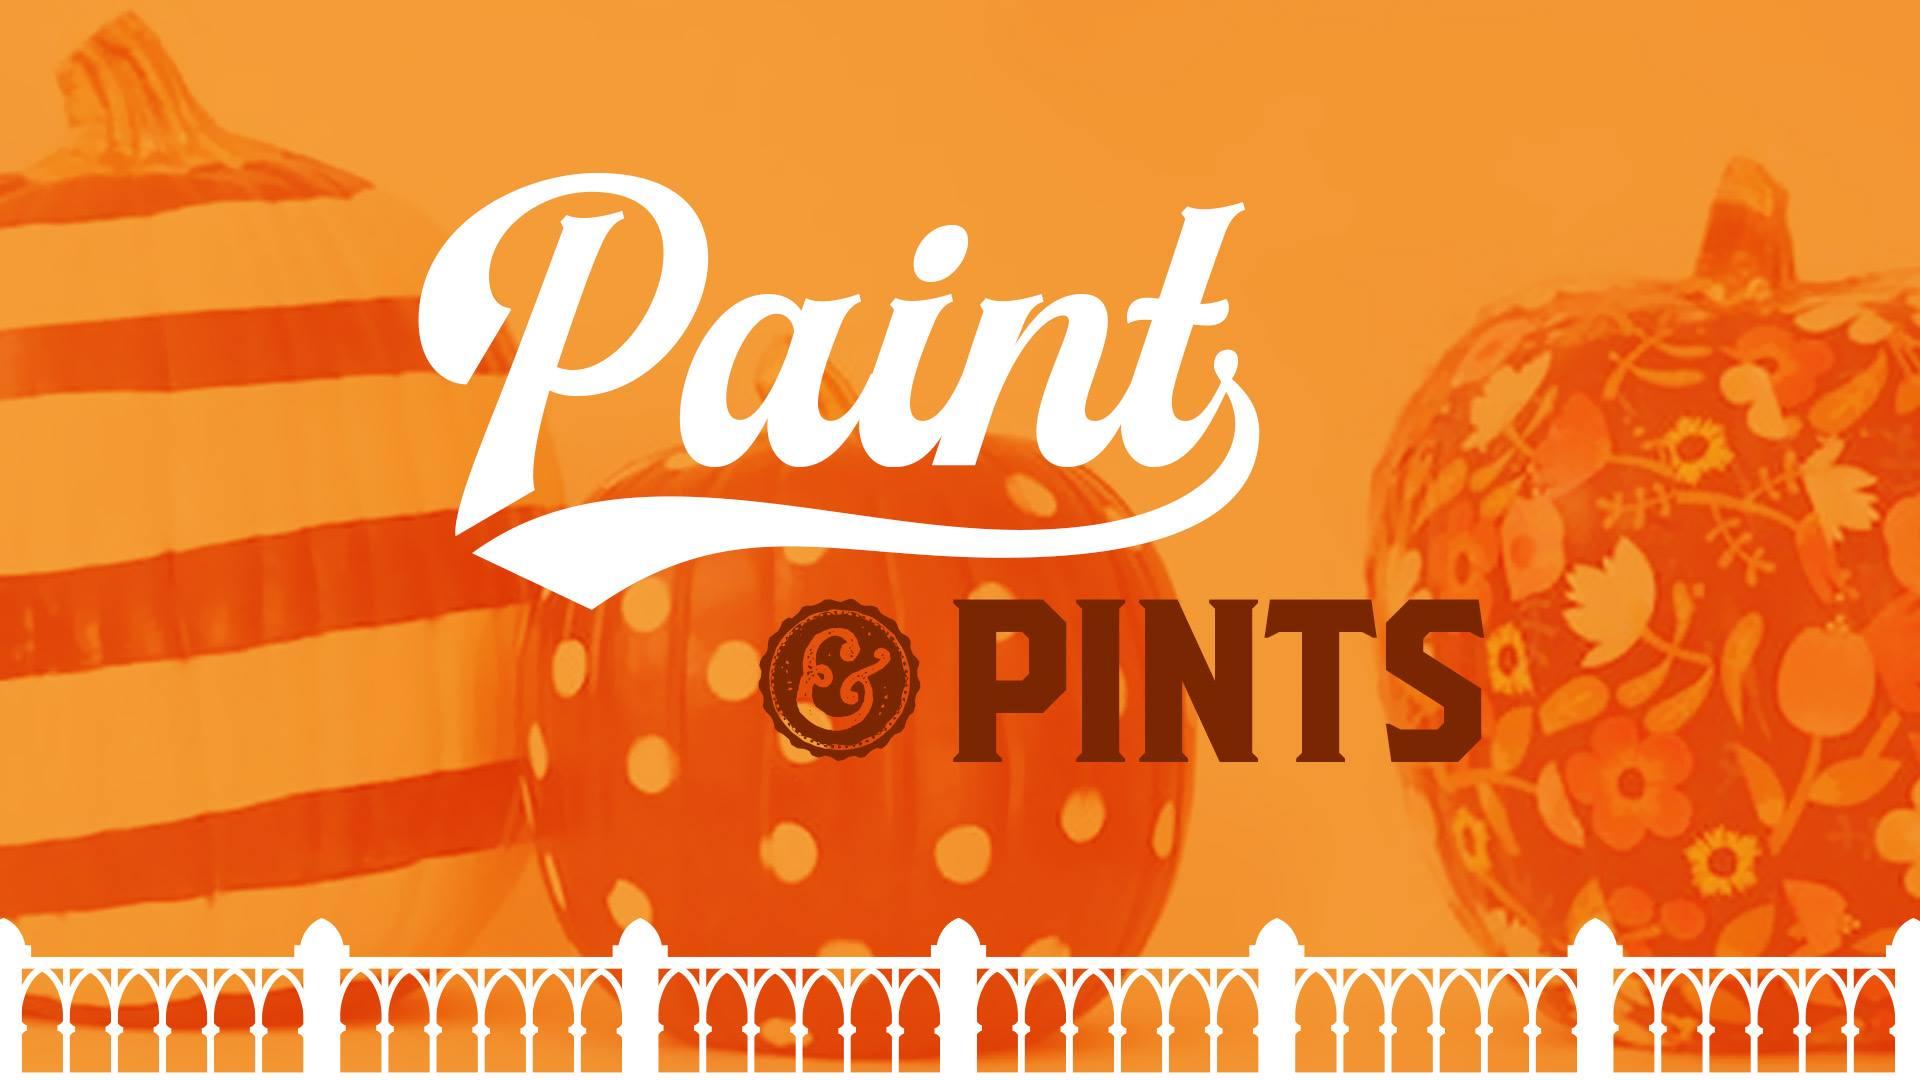 paint_pints_steeple.jpg